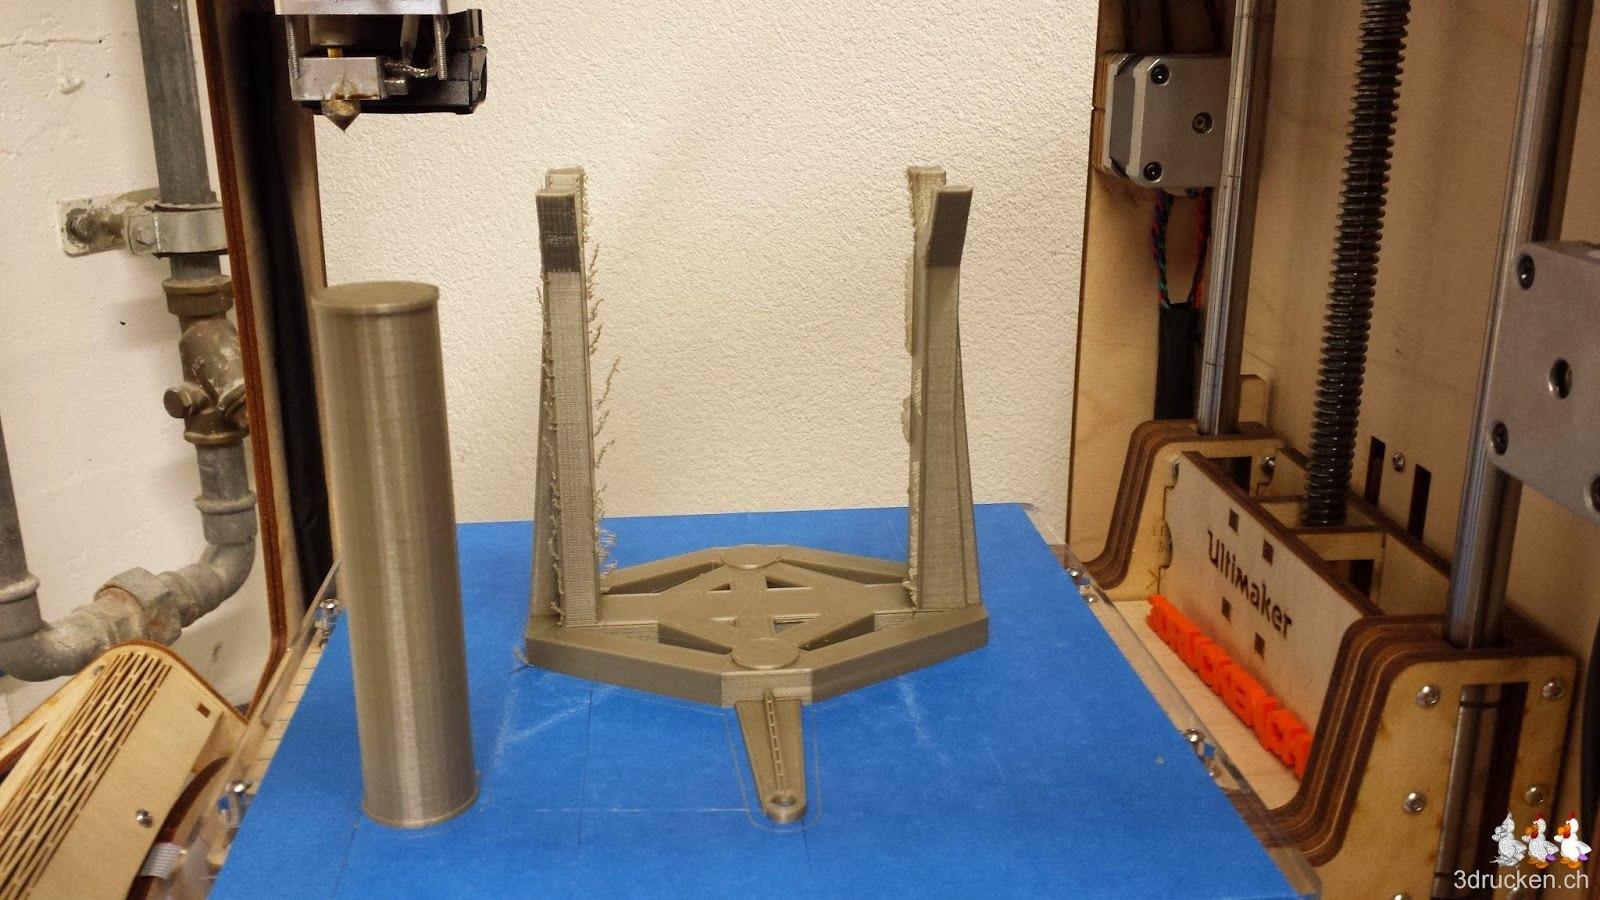 Foto der zweiten gedruckten Rollenhalterung für den Printrbot Sipmle Metal auf dem Drucktisch des Ultimaker Original